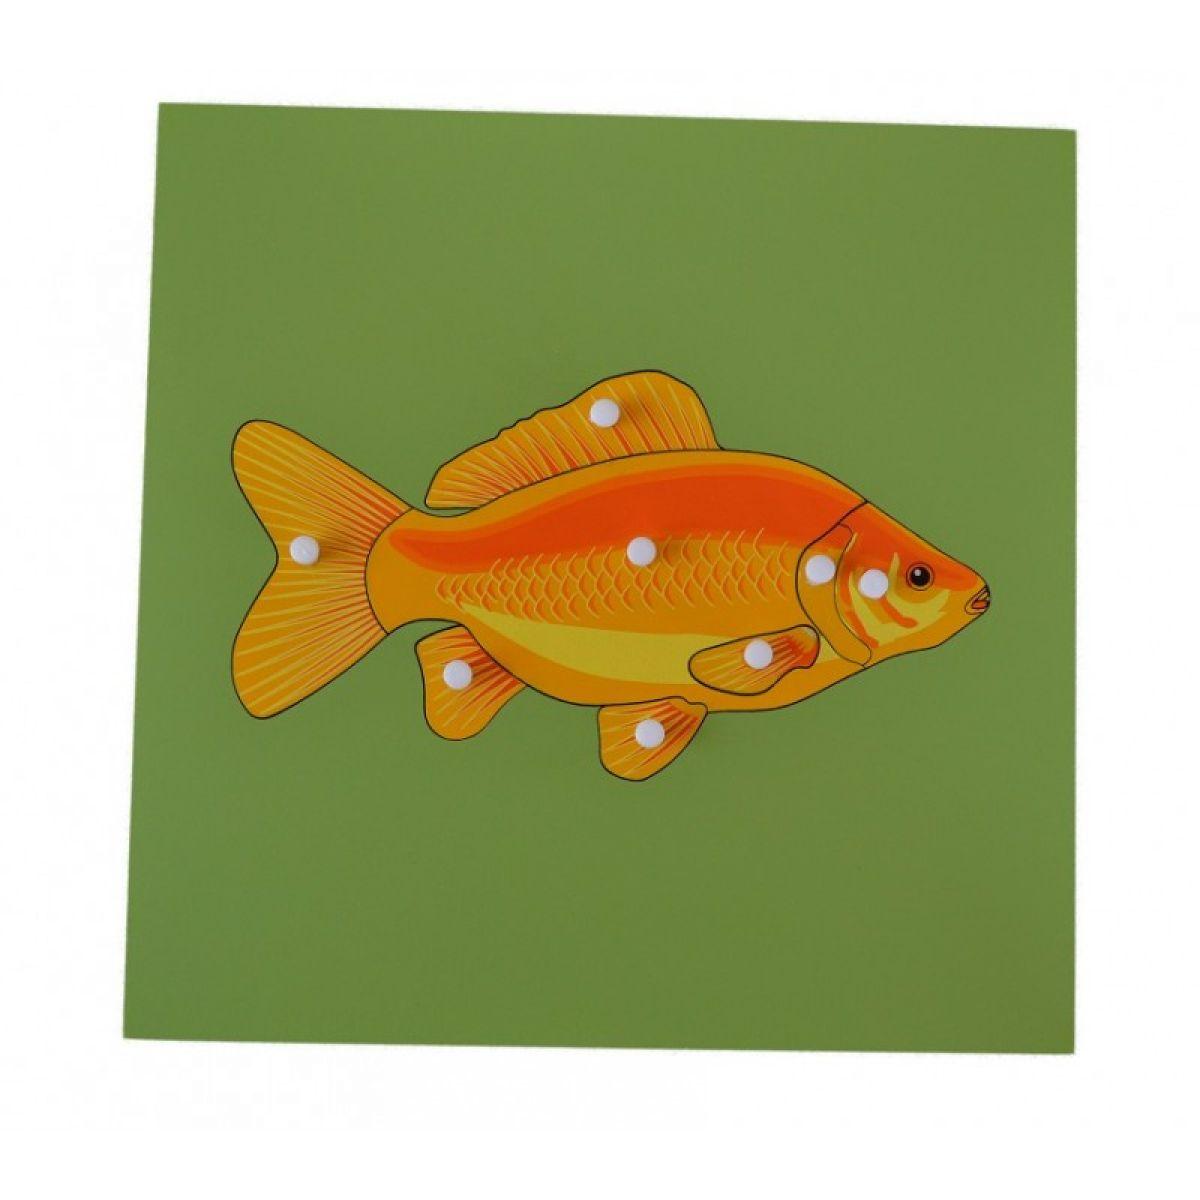 Montessori Vkladacie puzzle s kostrou ryby